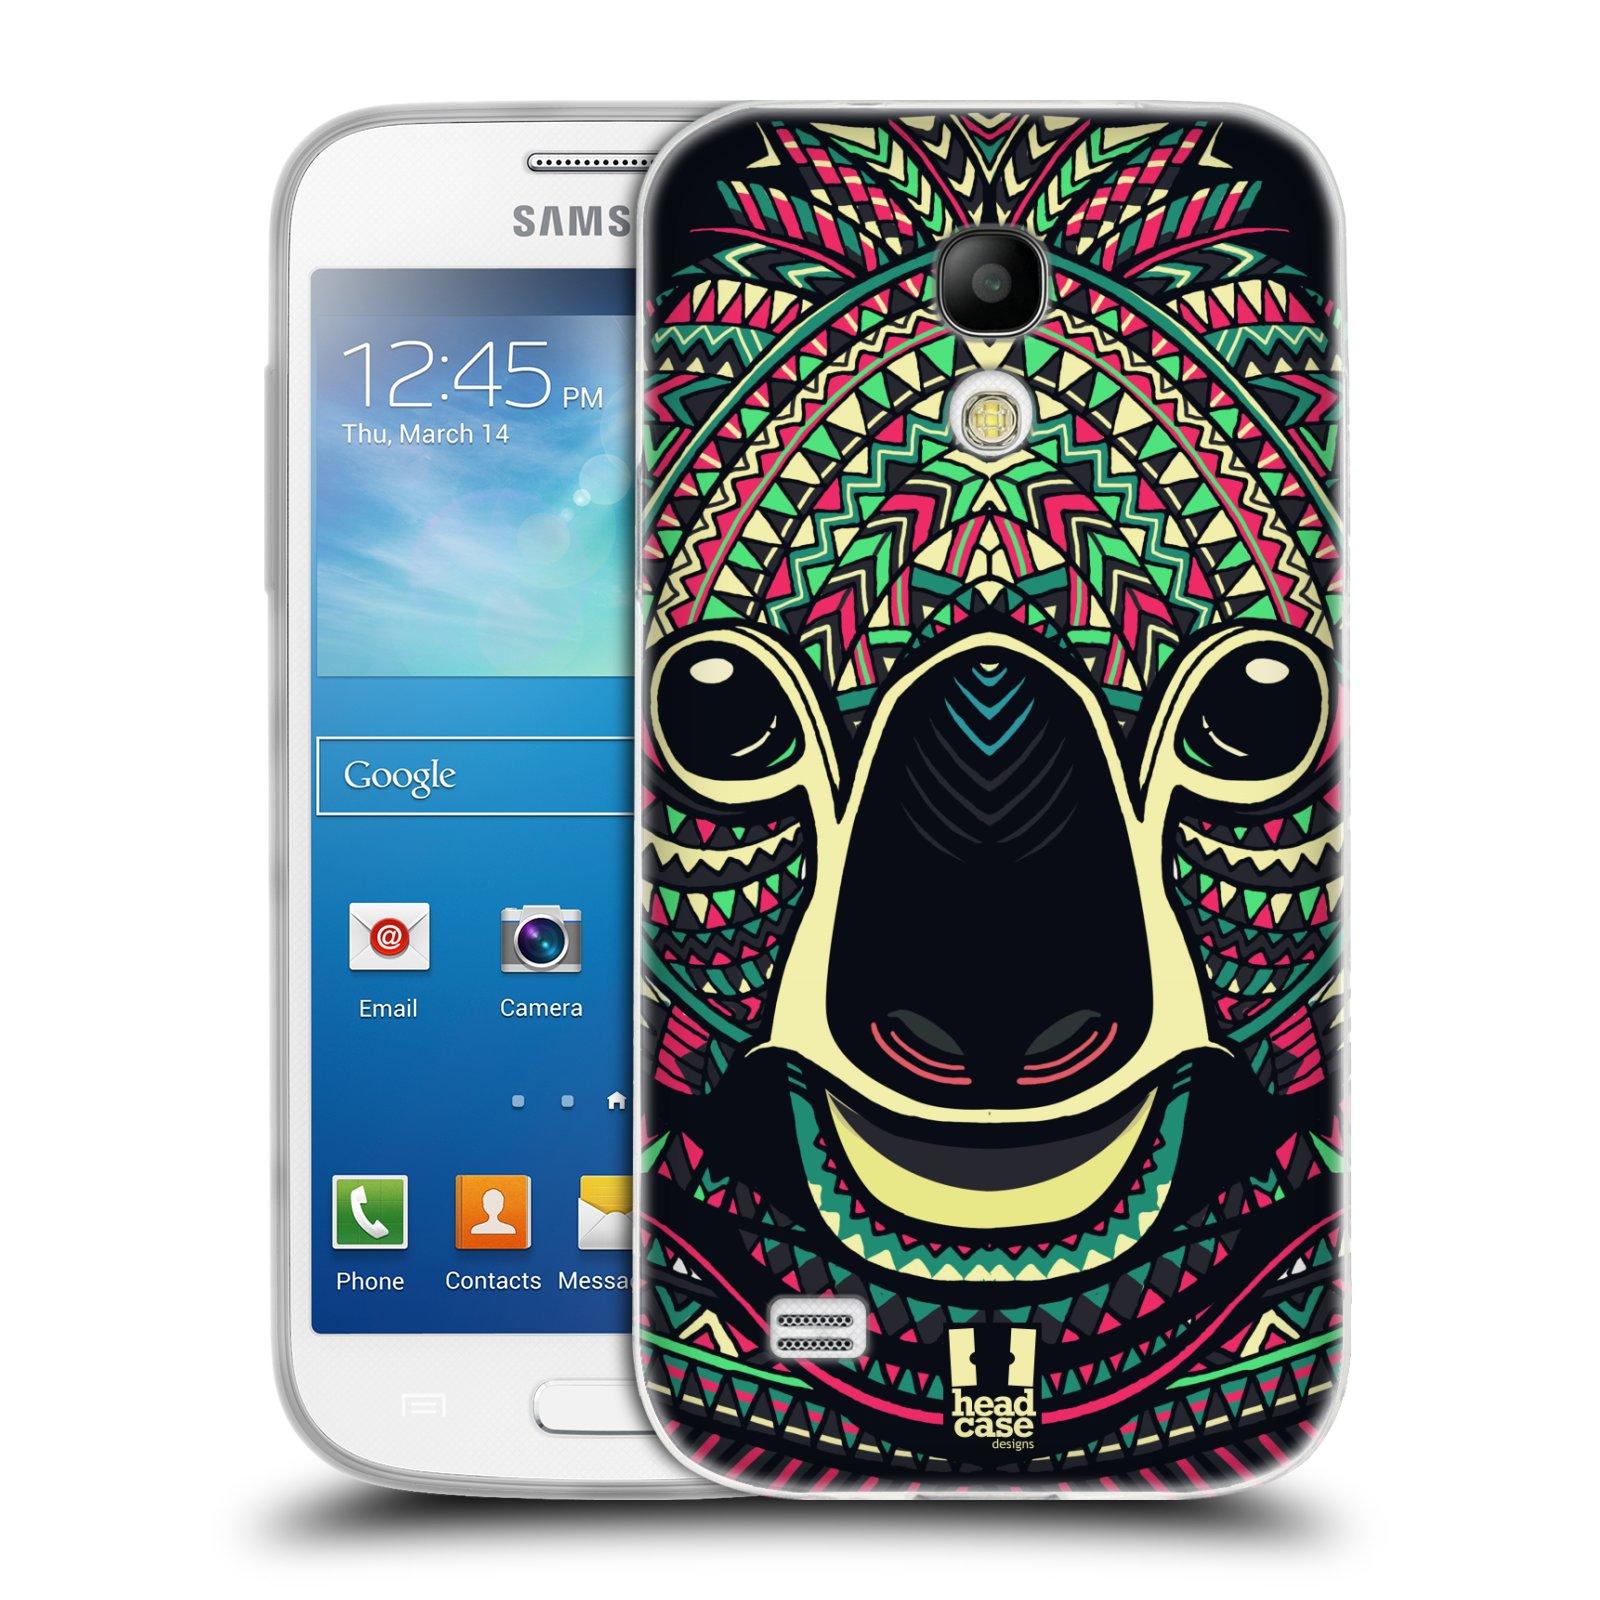 Silikonové pouzdro na mobil Samsung Galaxy S4 Mini HEAD CASE AZTEC KOALA (Silikonový kryt či obal na mobilní telefon Samsung Galaxy S4 Mini GT-i9195 / i9190 (nepasuje na verzi Black Edition))